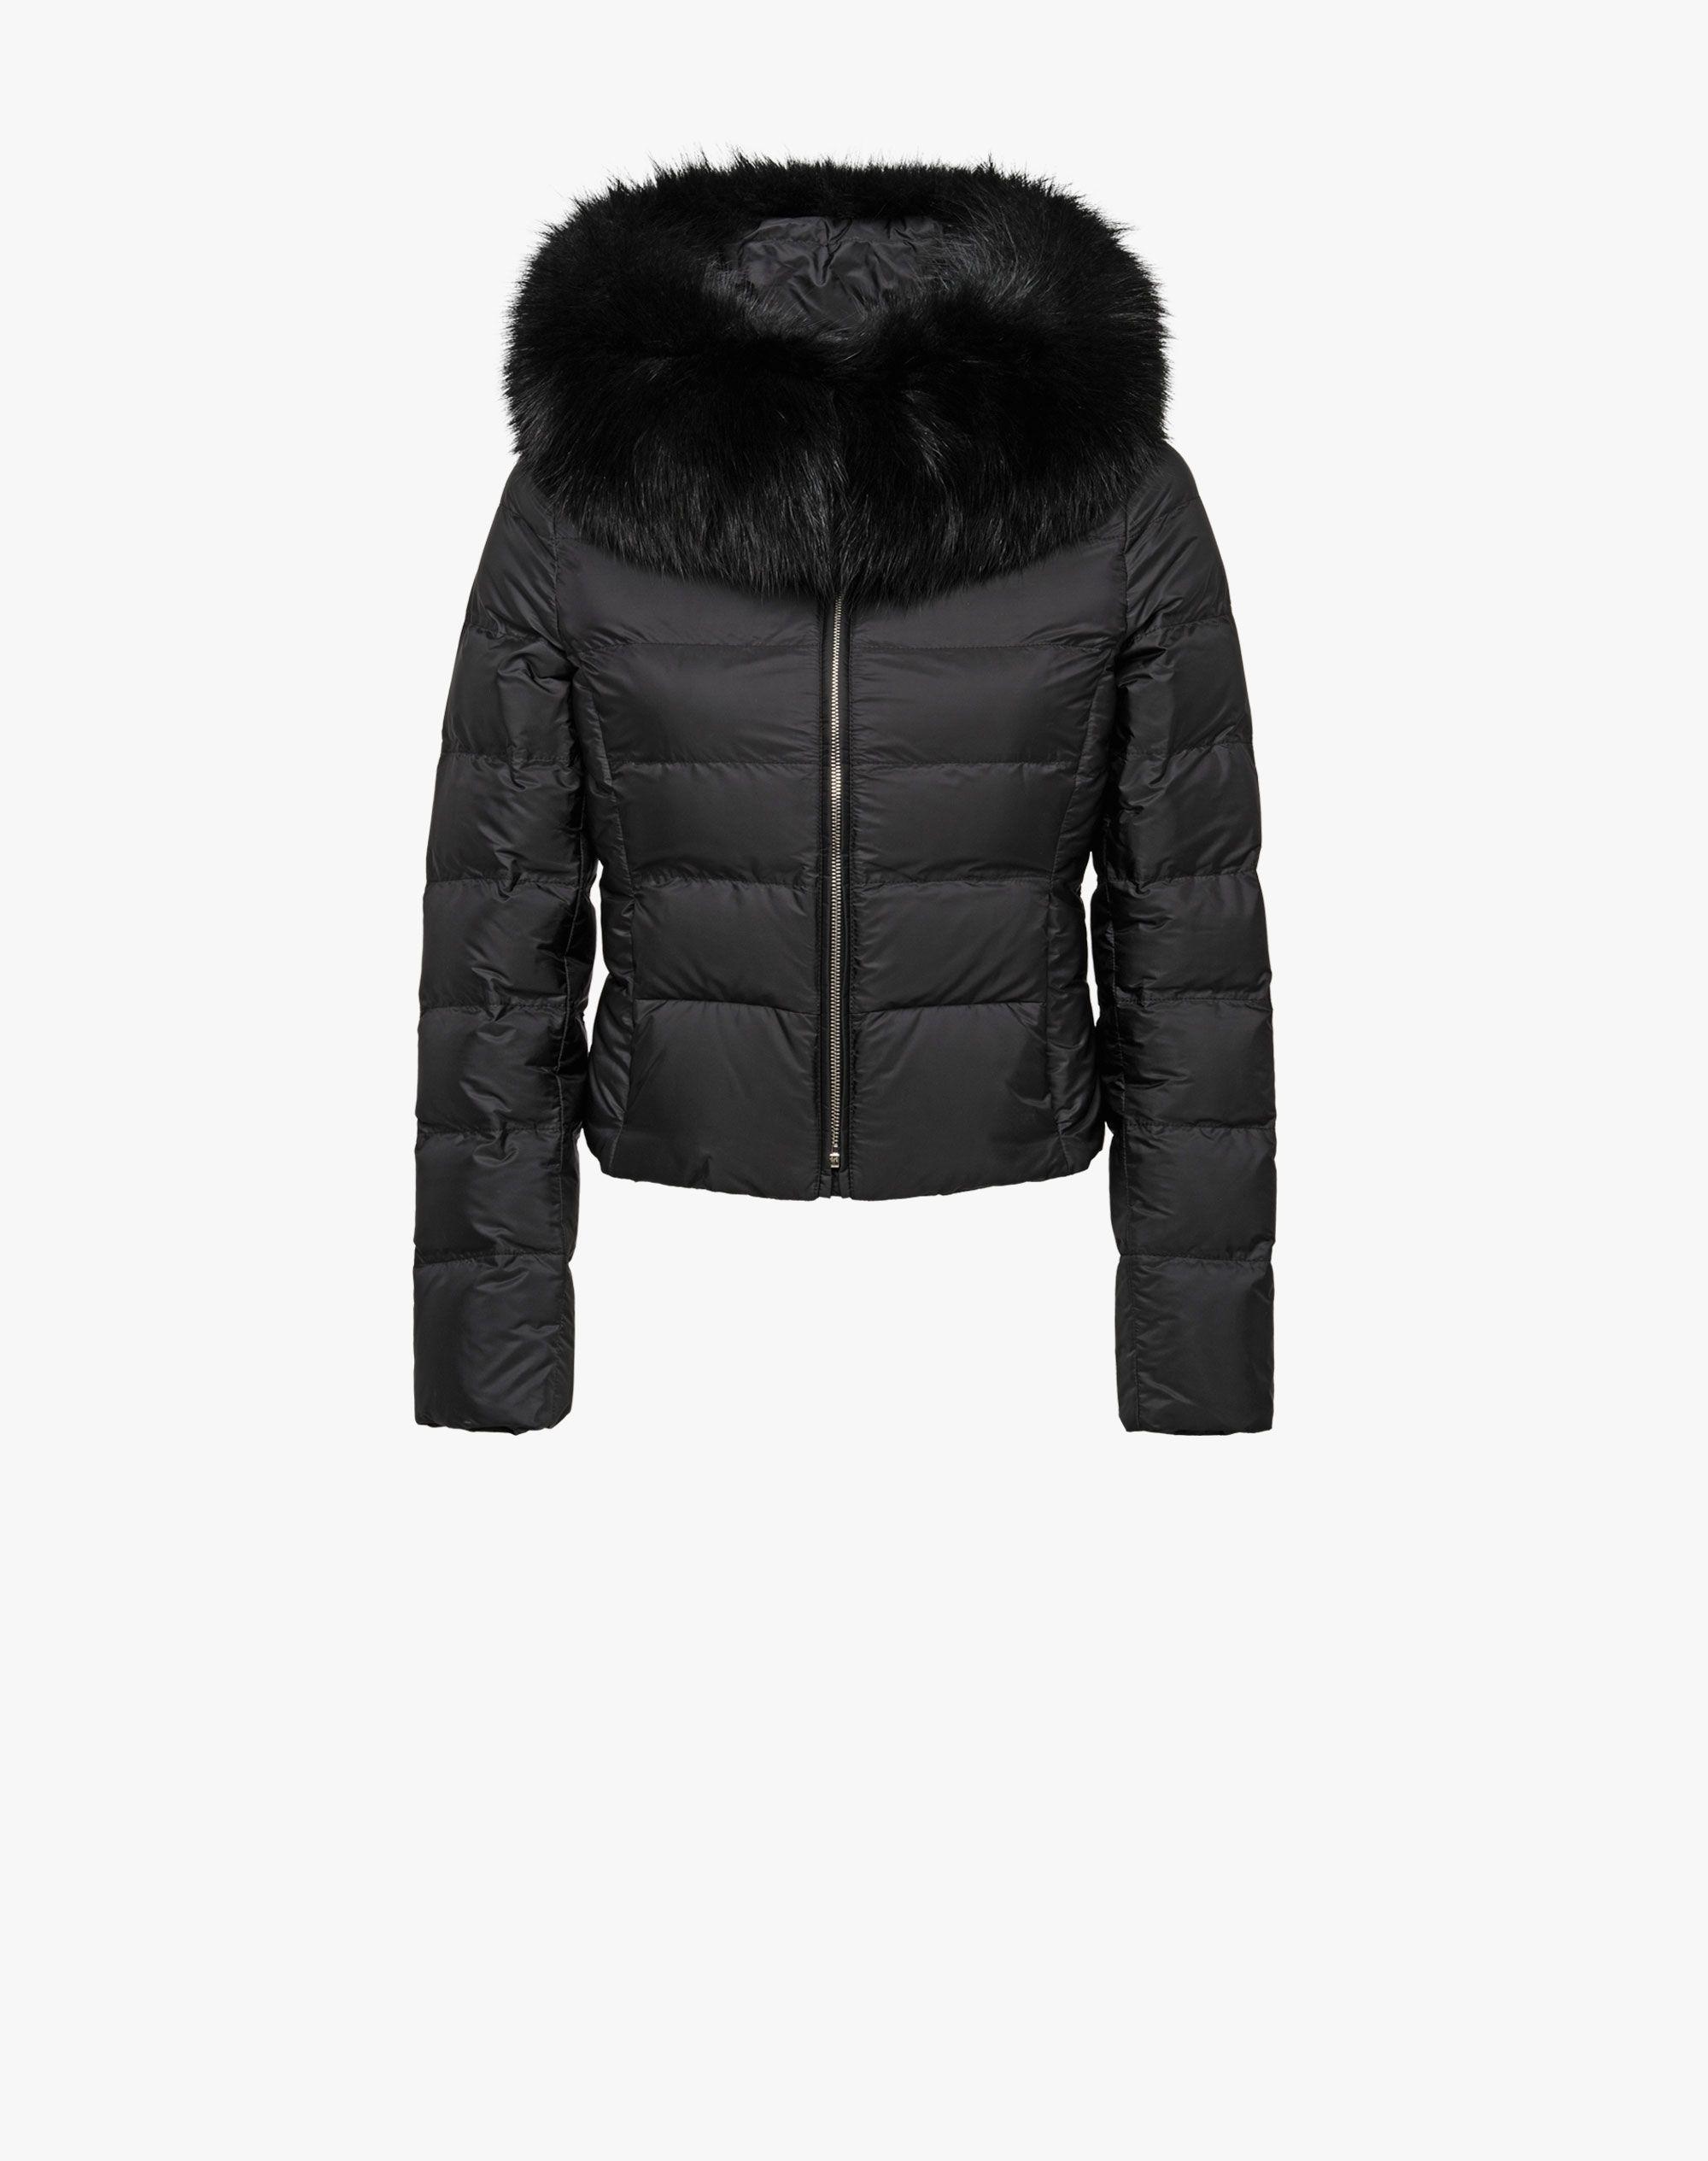 Pin On Coats Jackets [ 2530 x 2000 Pixel ]